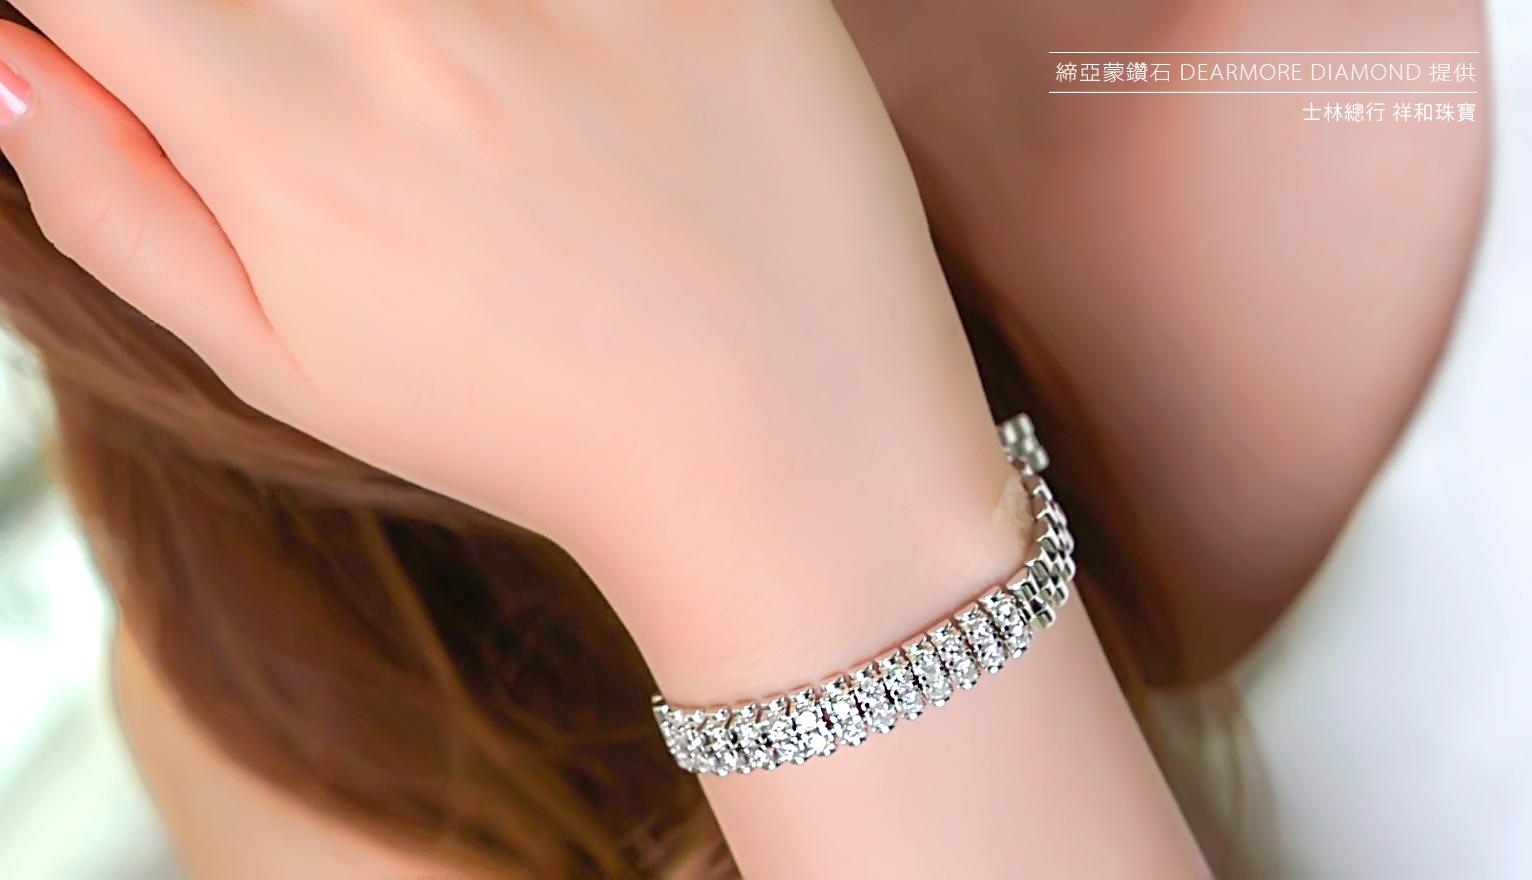 鑽石婚戒,,,,,,, - 台北締亞蒙祥和珠寶 作品瀏覽